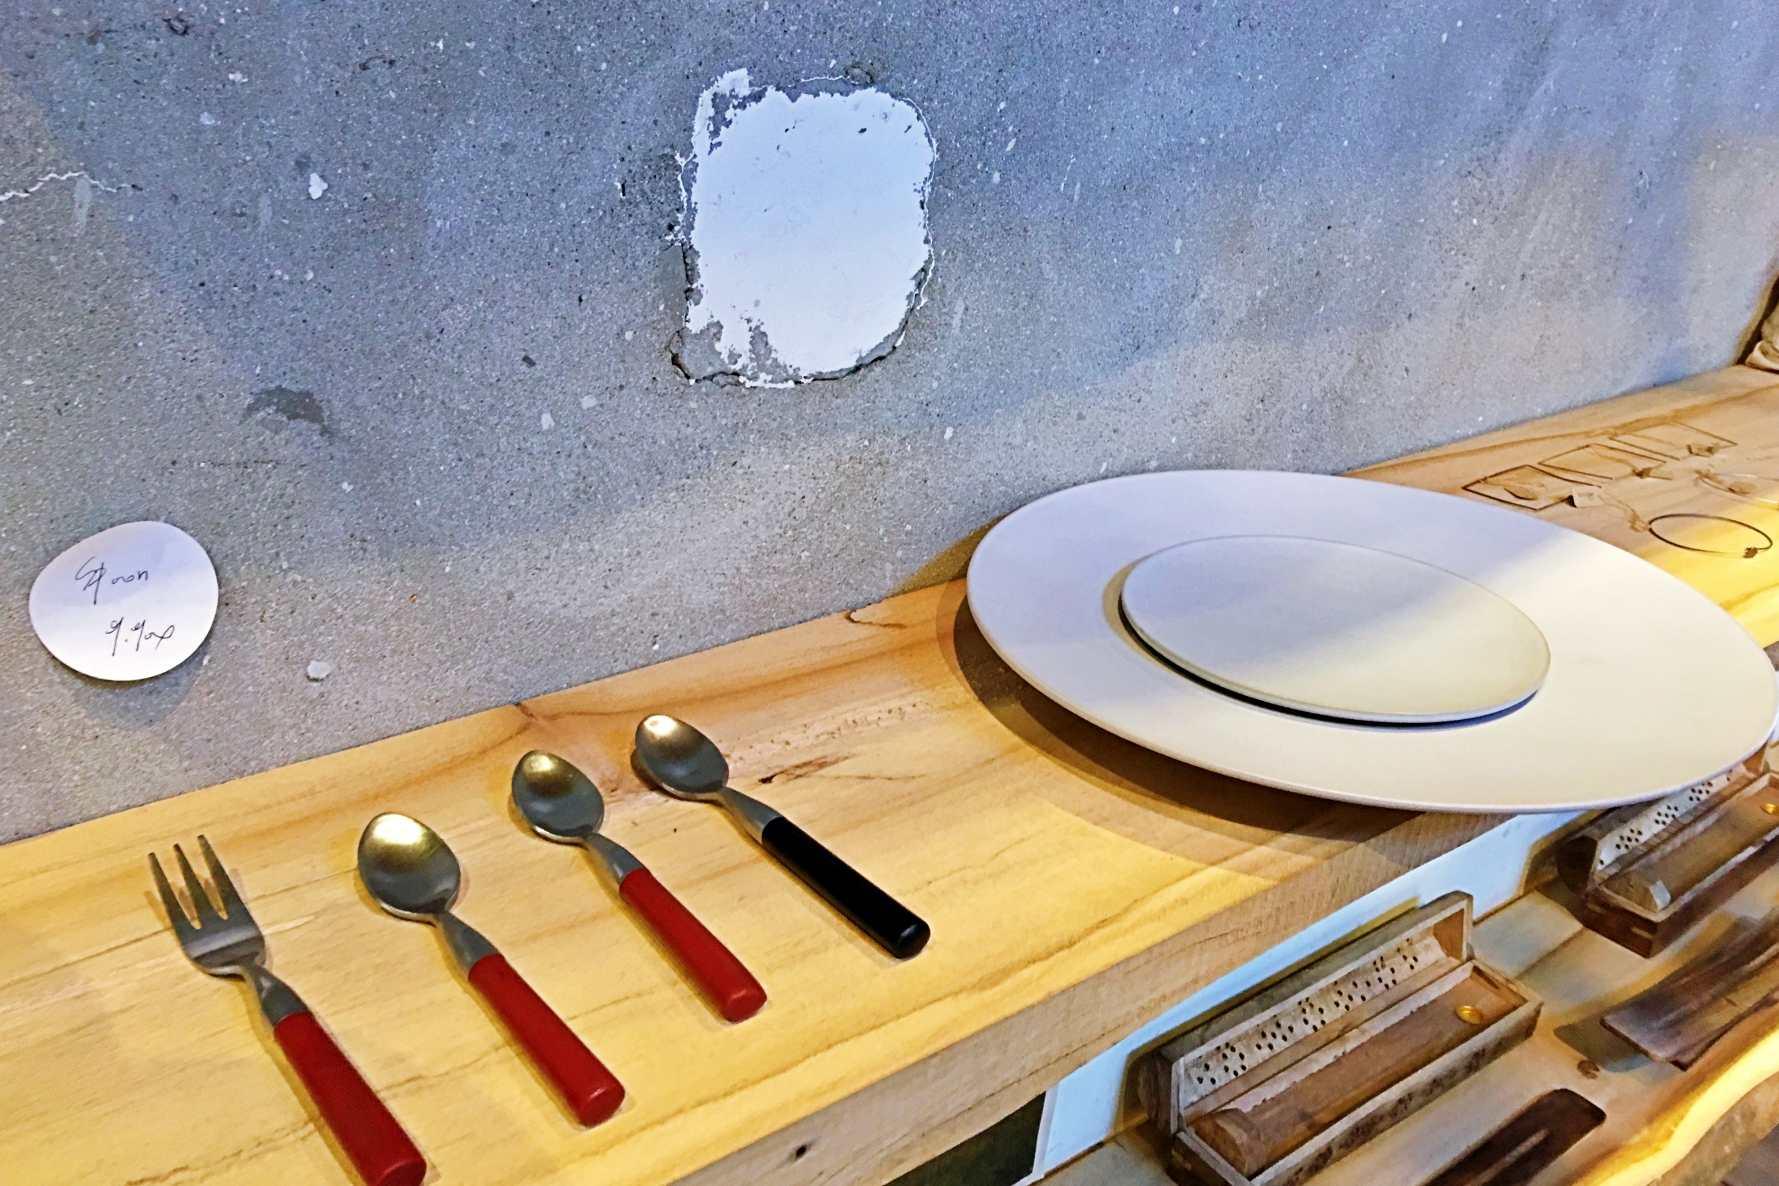 簡約風格的食器及餐具好想包回家。